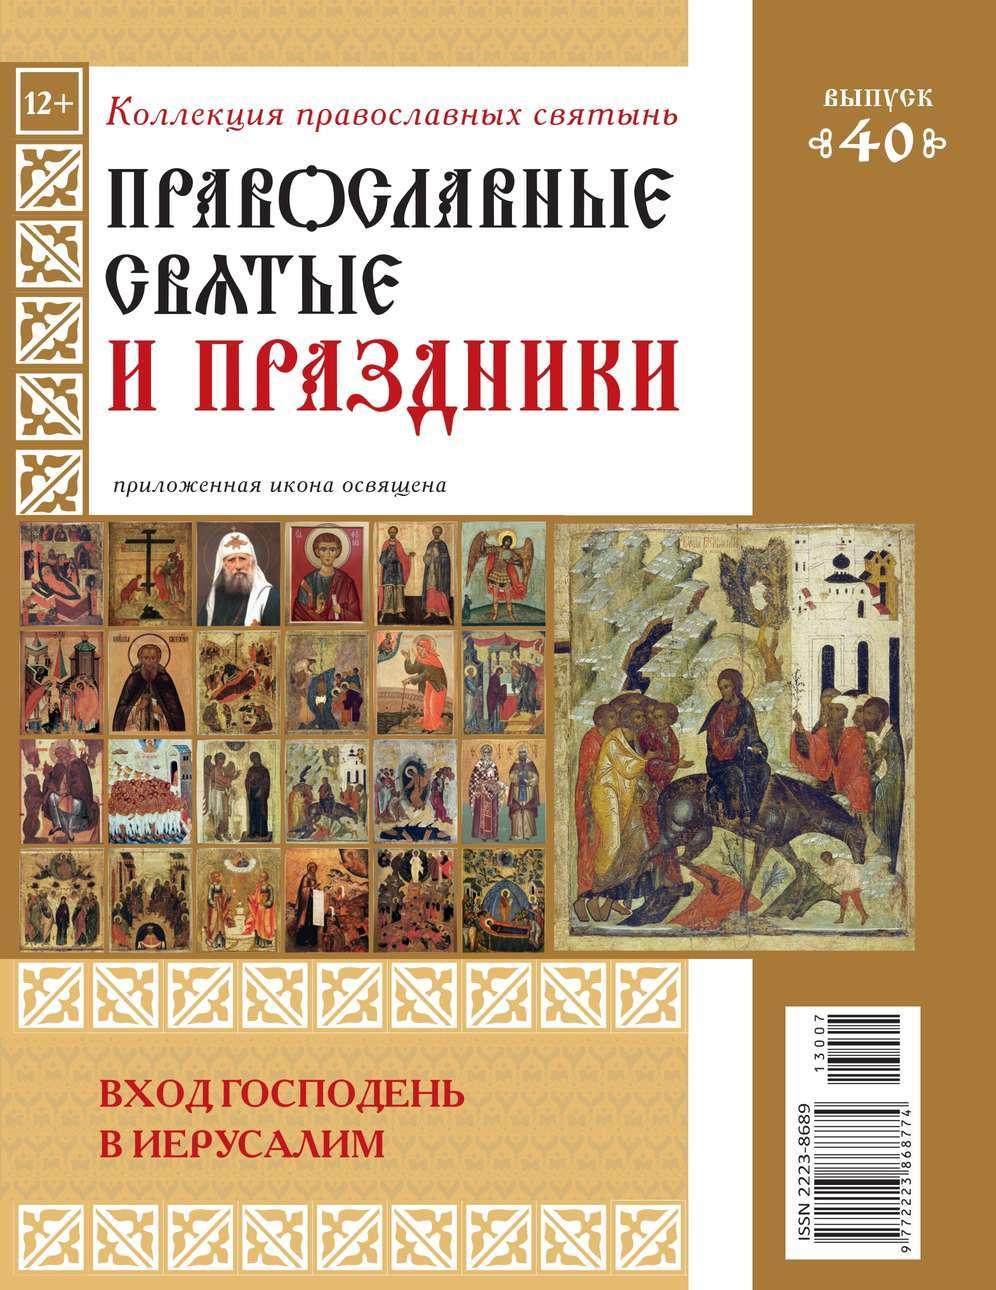 Коллекция Православных Святынь 40